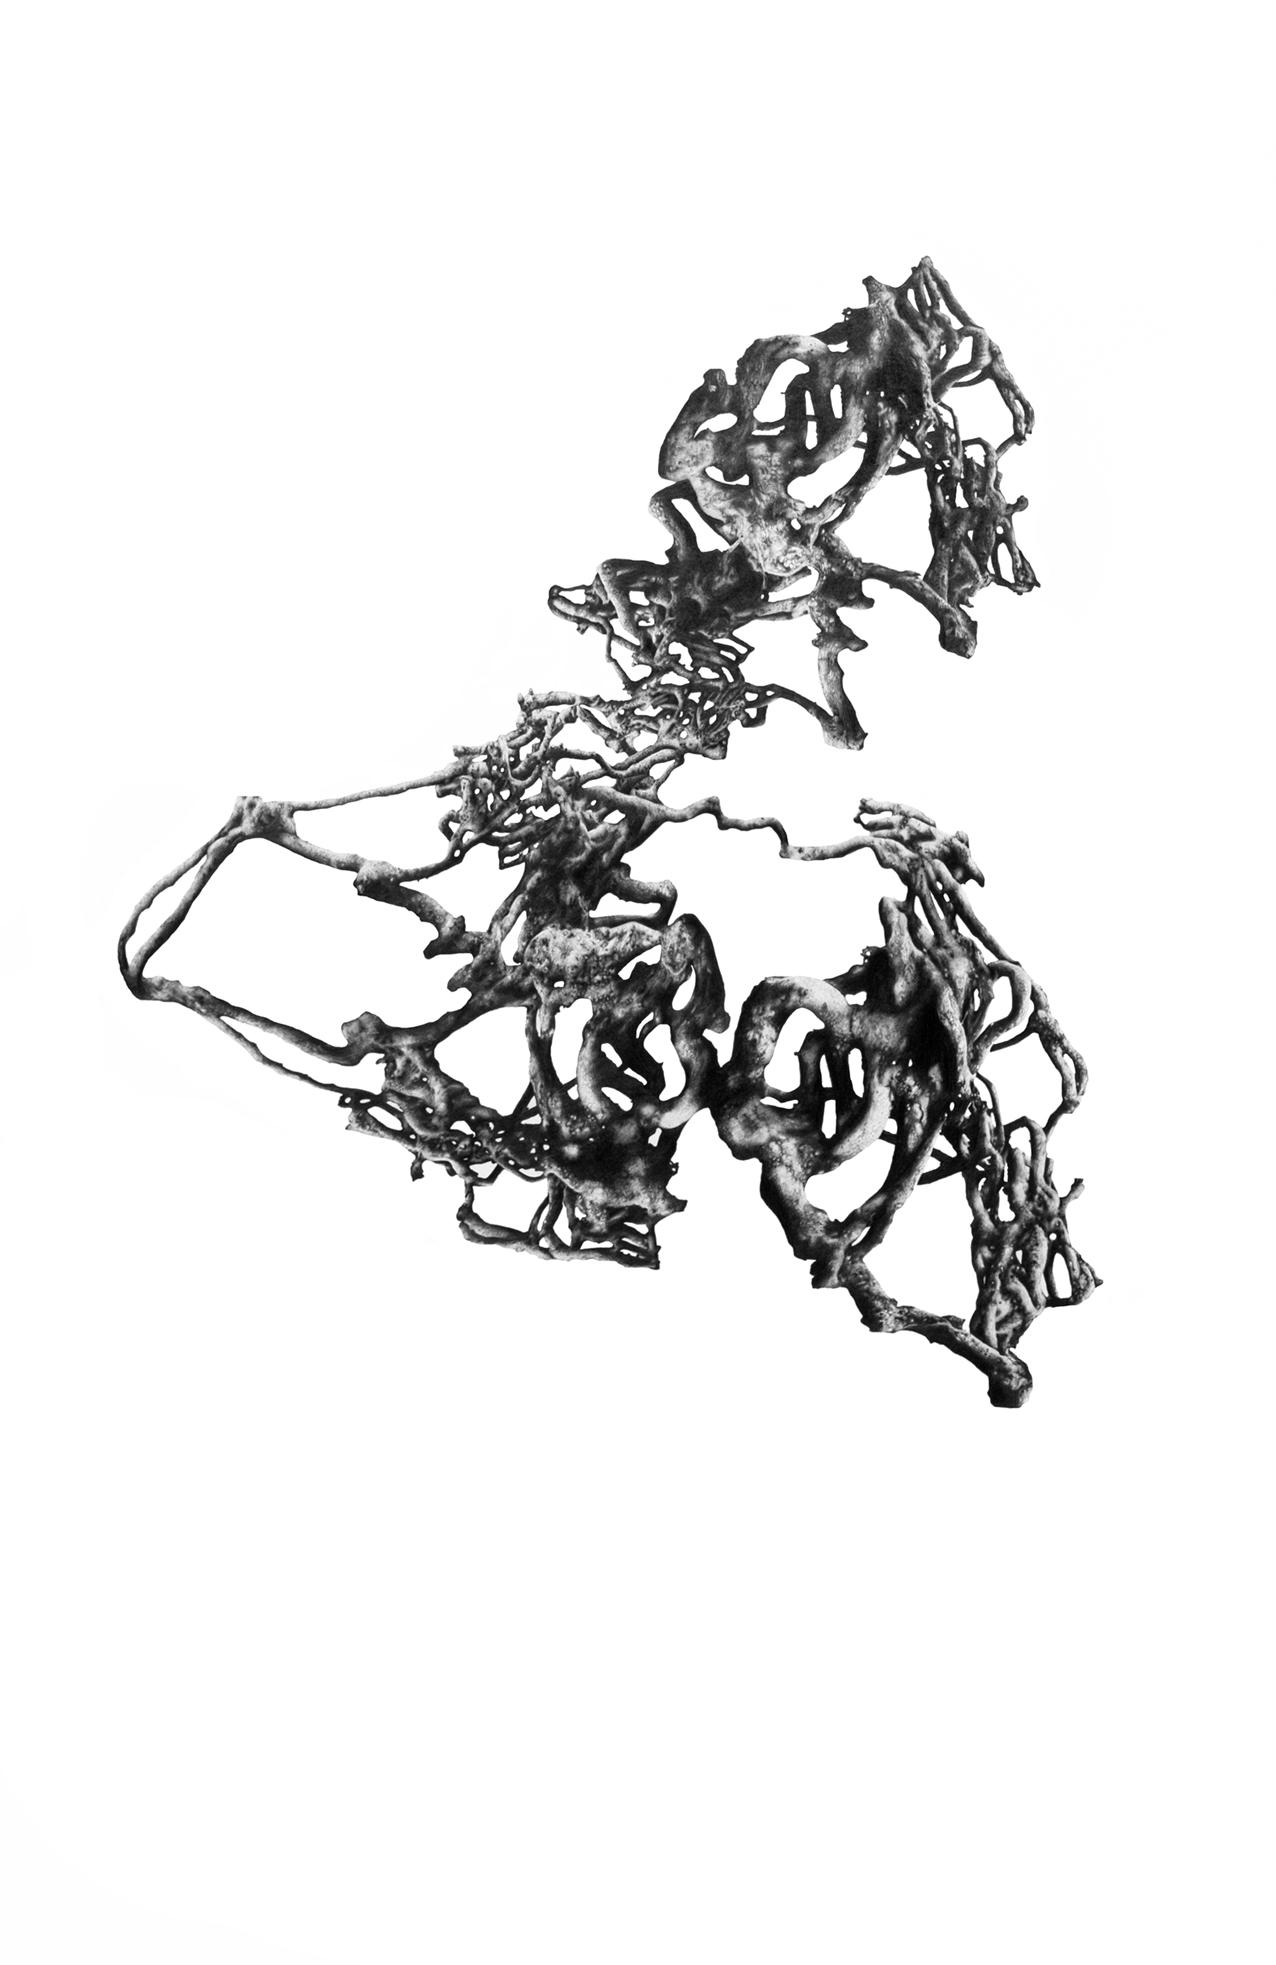 Untitled(Canifern), 2012, 100cm x 70cm.jpg